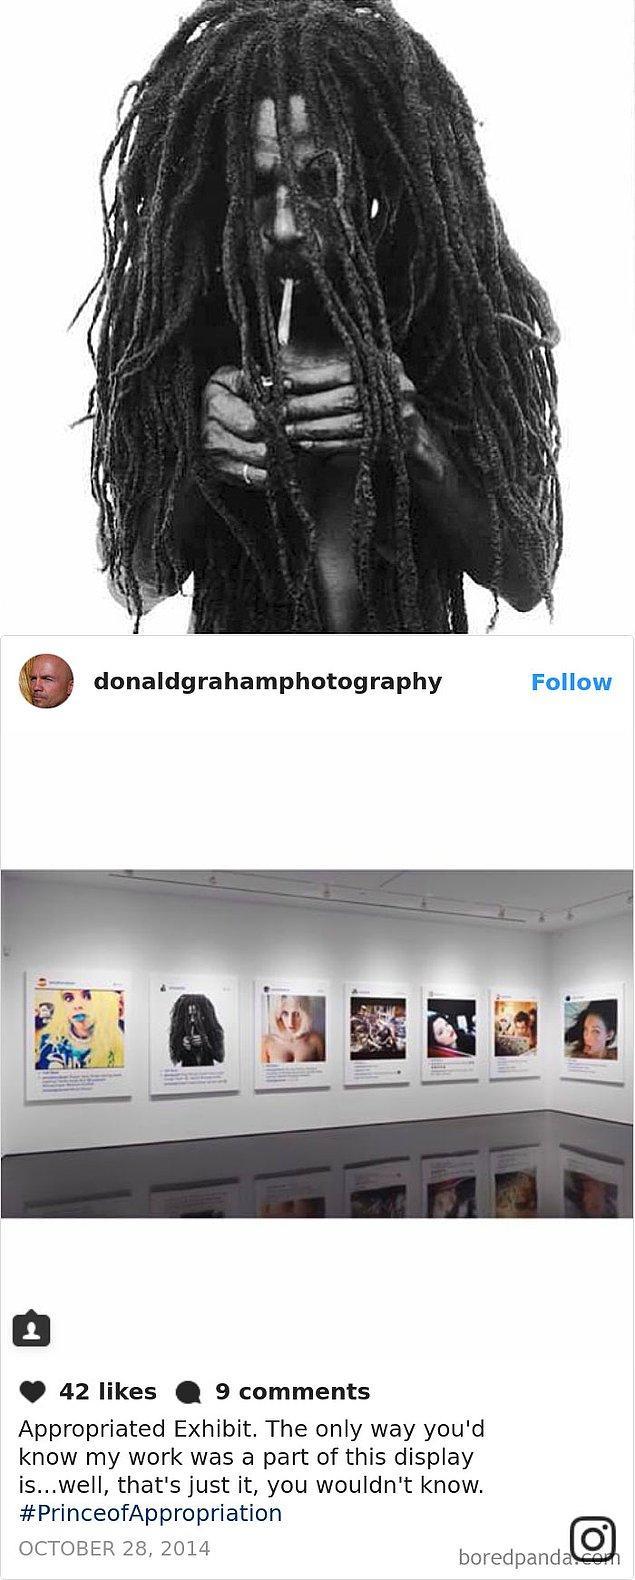 25. Başkalarının fotoğraflarıyla izinsiz sergi açan Sergio Prince o fotoğrafları satmaktan da geri durmuyor. 😳